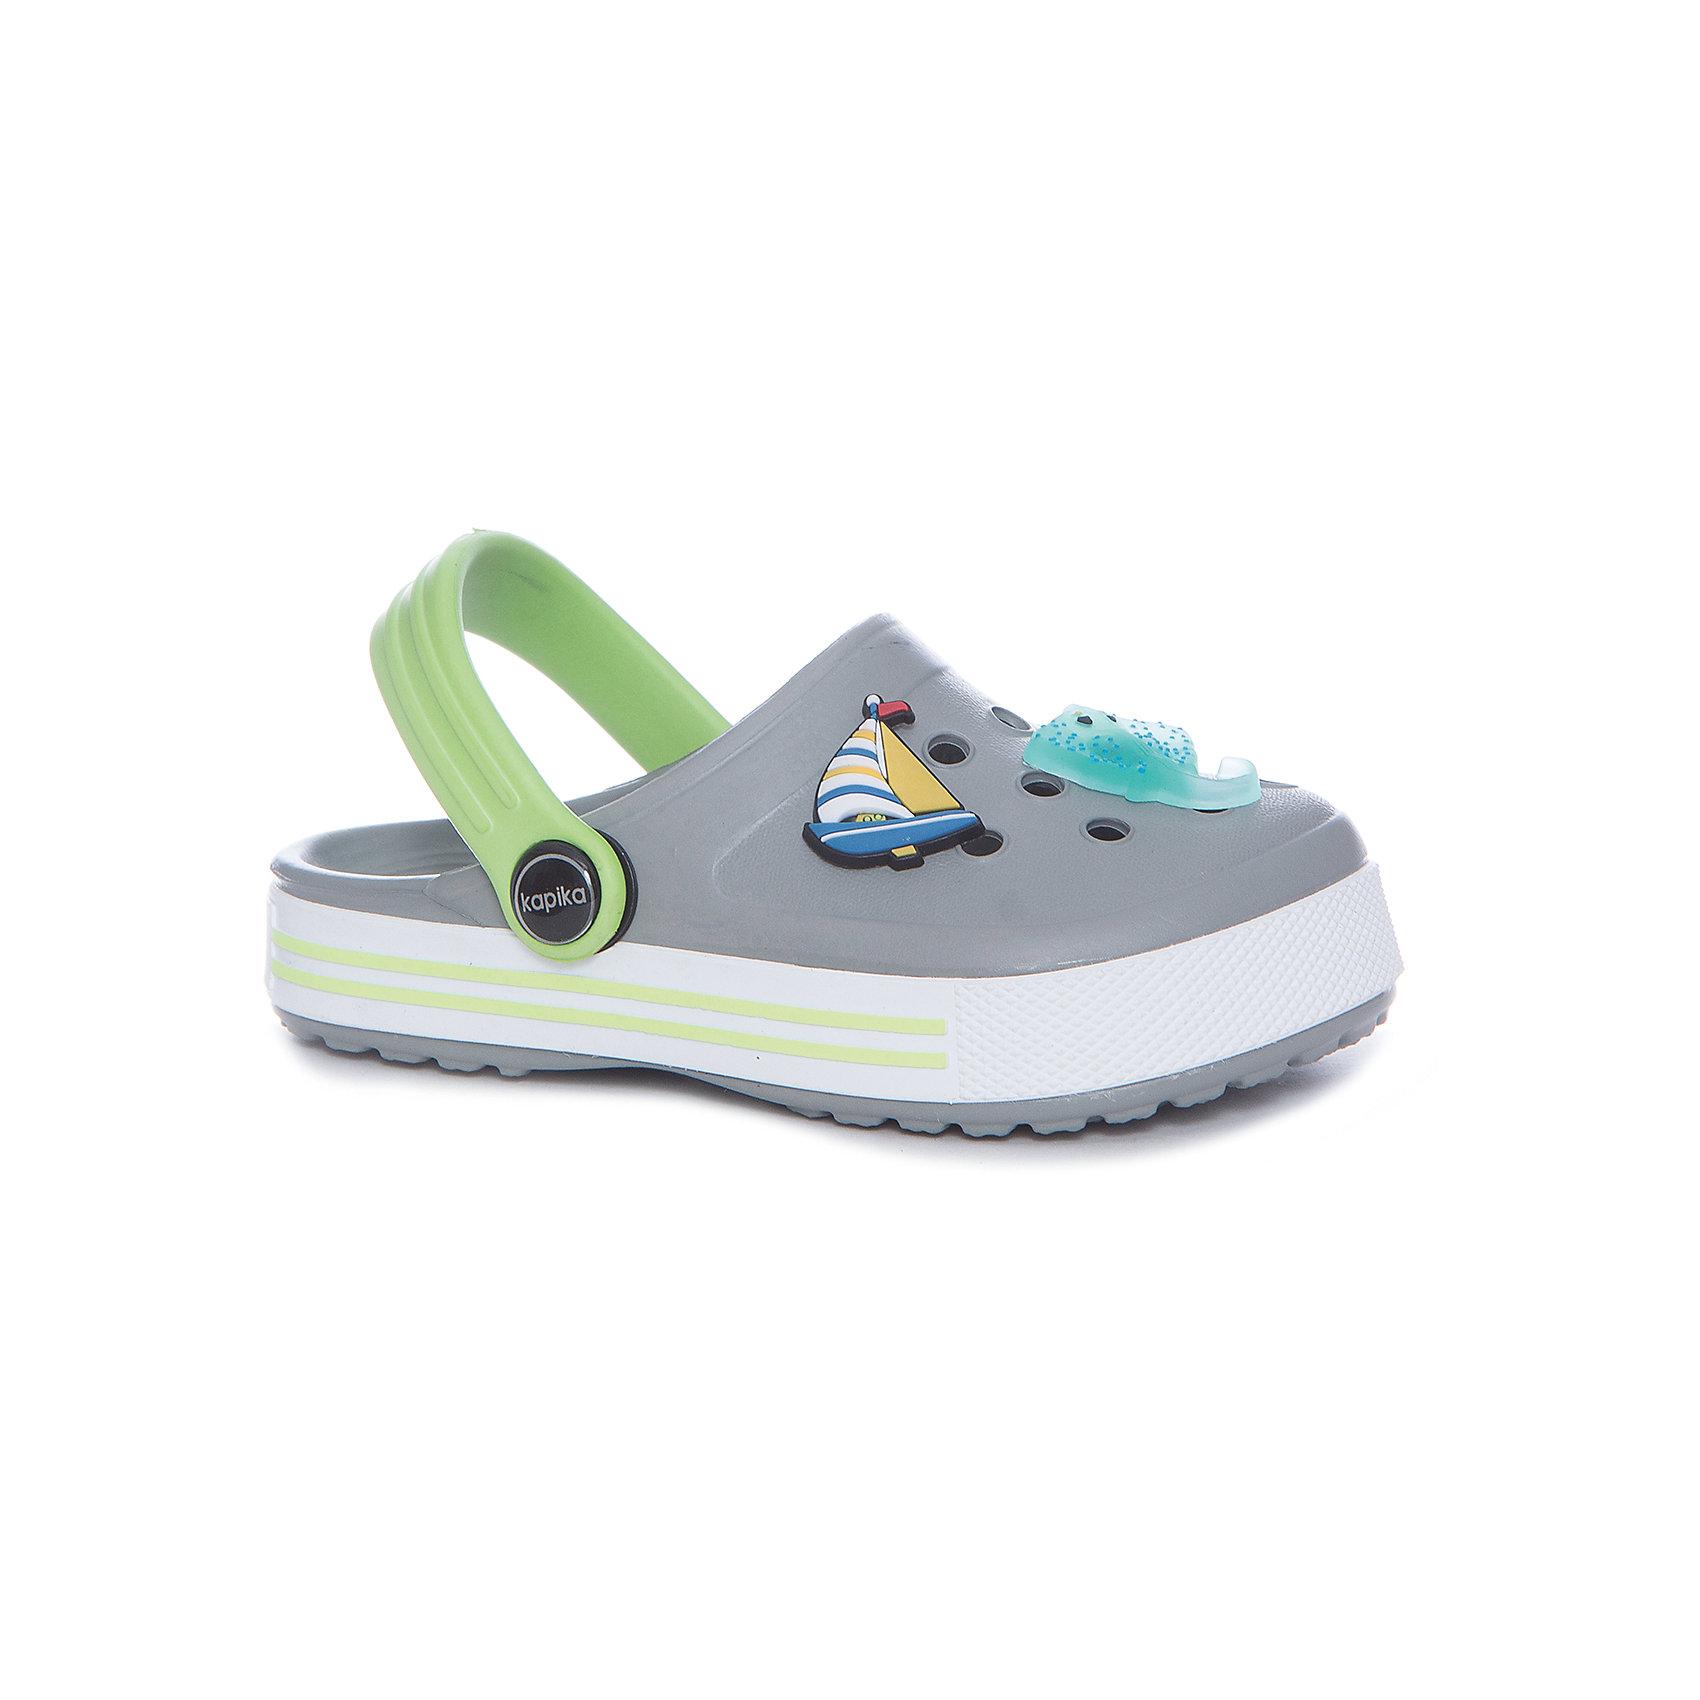 Сабо для мальчика KAPIKAПляжная обувь<br>Характеристики товара:<br><br>• пляжная обувь<br>• внешний материал обуви: ЭВА<br>• внутренний материал: ЭВА<br>• подошва:ЭВА<br>• сезон: лето<br>• страна бренда: Россия<br>• страна изготовитель: Китай<br><br>Сабо пляжные Kapika (Капика) можно купить в нашем интернет-магазине.<br><br>Ширина мм: 227<br>Глубина мм: 145<br>Высота мм: 124<br>Вес г: 325<br>Цвет: разноцветный<br>Возраст от месяцев: 96<br>Возраст до месяцев: 108<br>Пол: Мужской<br>Возраст: Детский<br>Размер: 32,33,28,29,30,31<br>SKU: 5324353